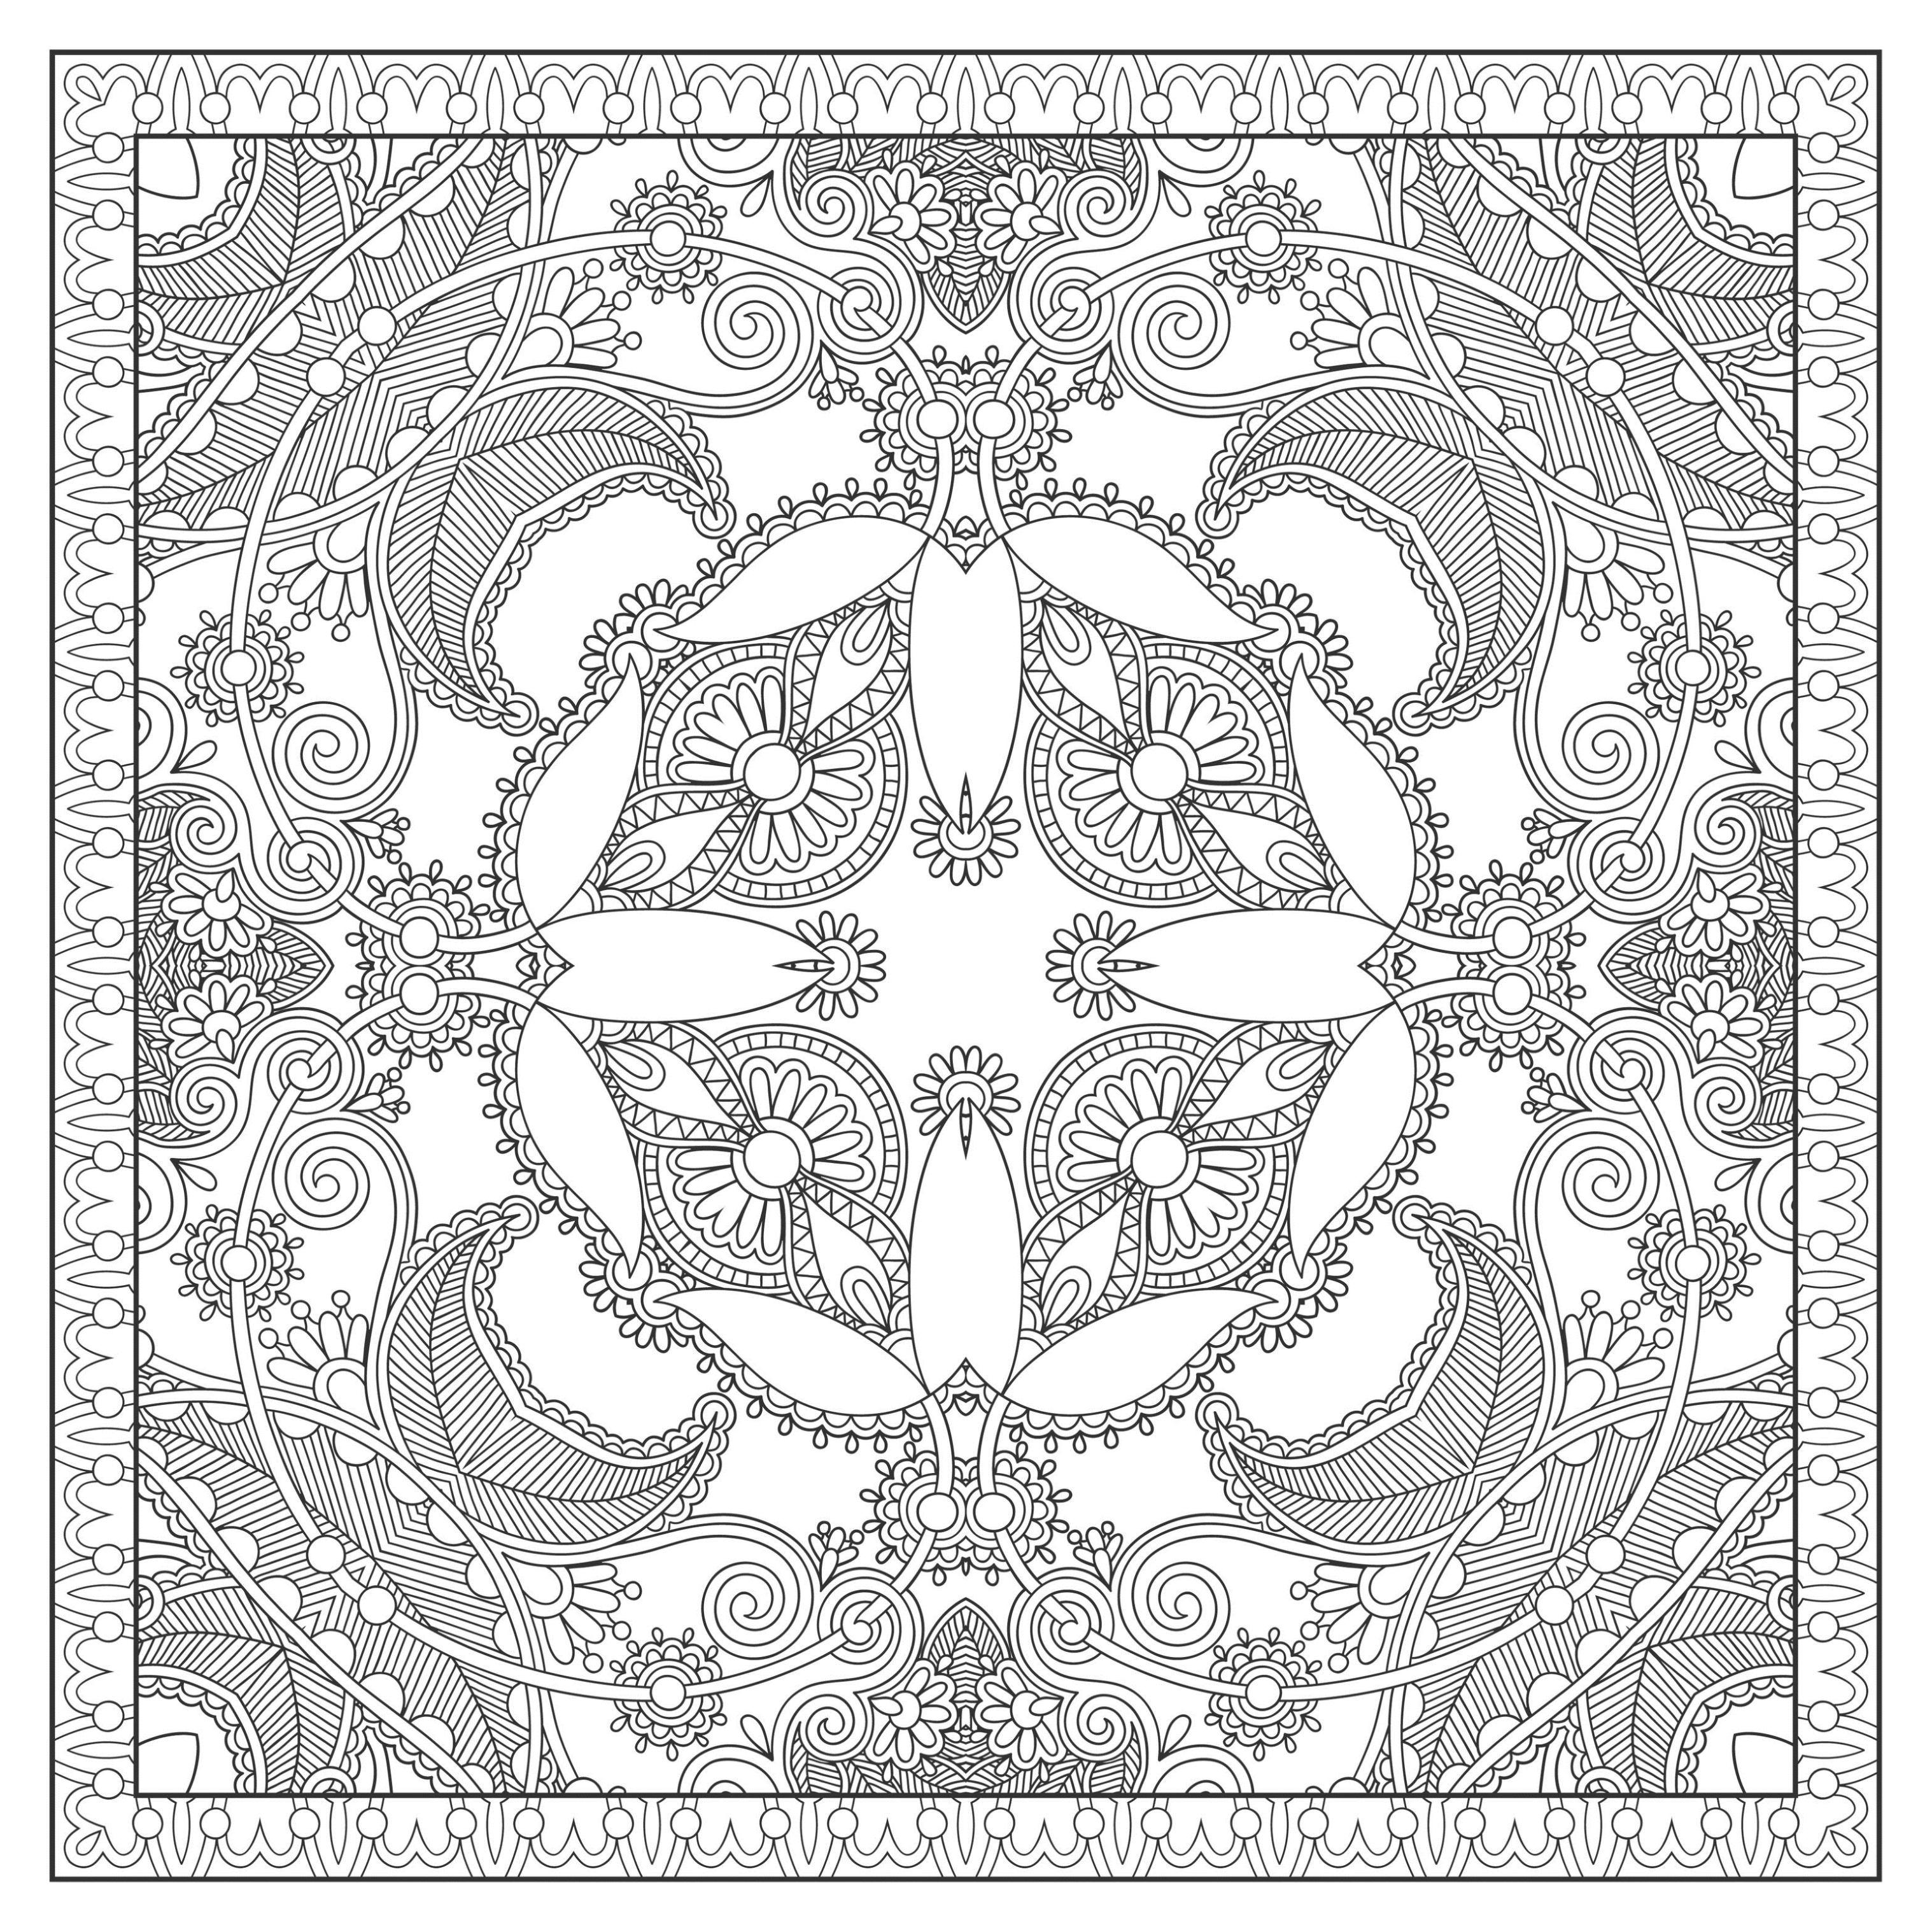 Mandala carre coloriage mandalas coloriages pour - Dessins de mandala ...